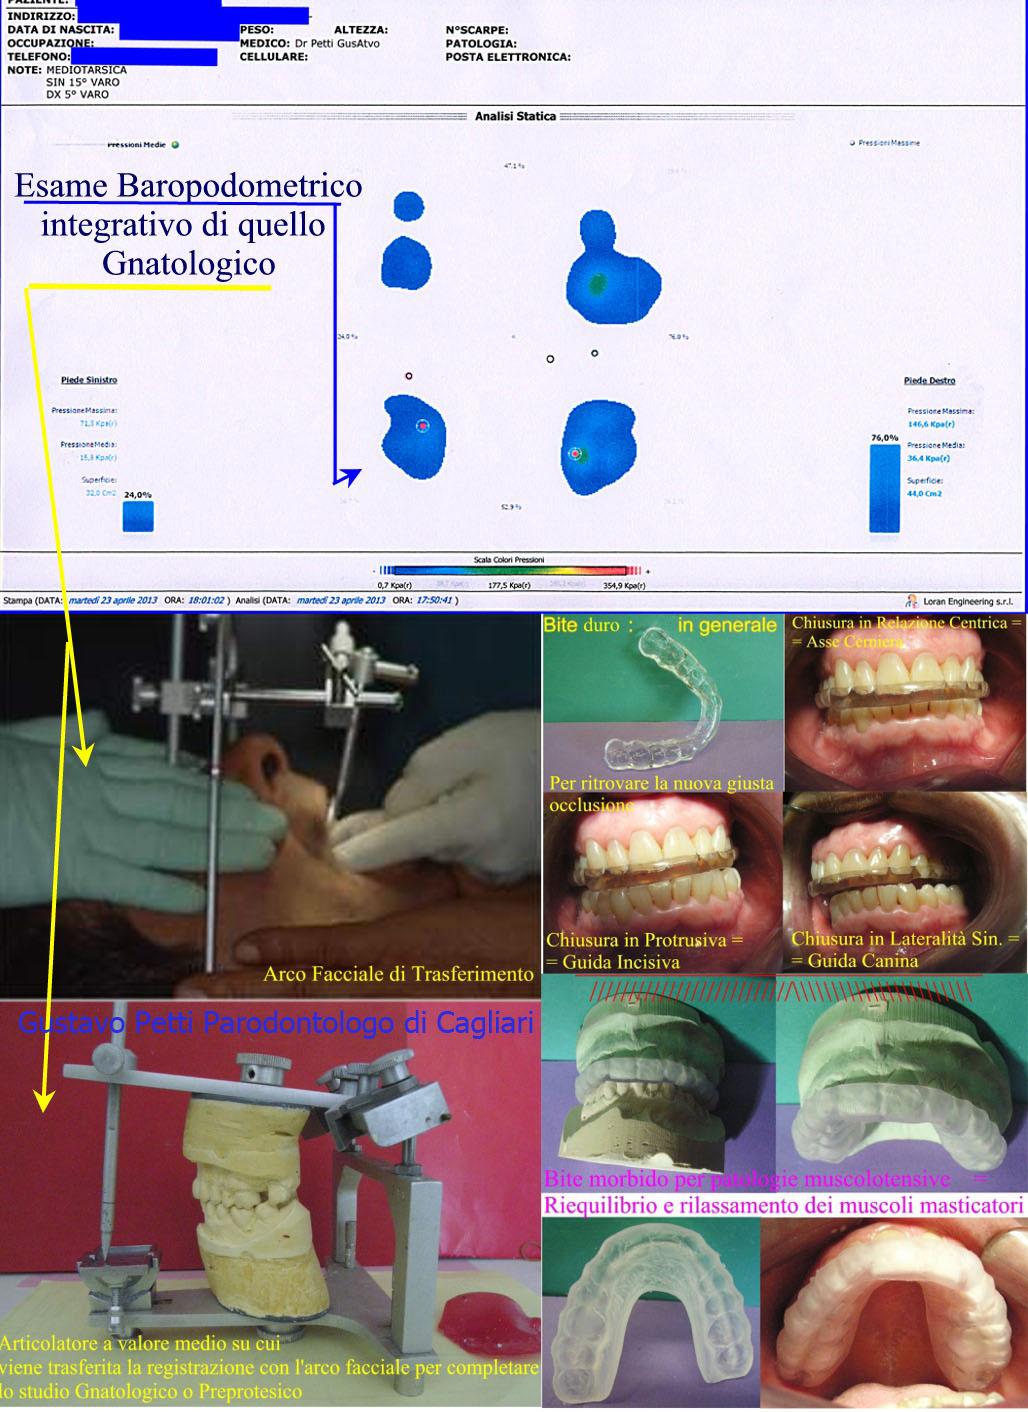 gnatologia-dr-g.petti-cagliari-94.jpg